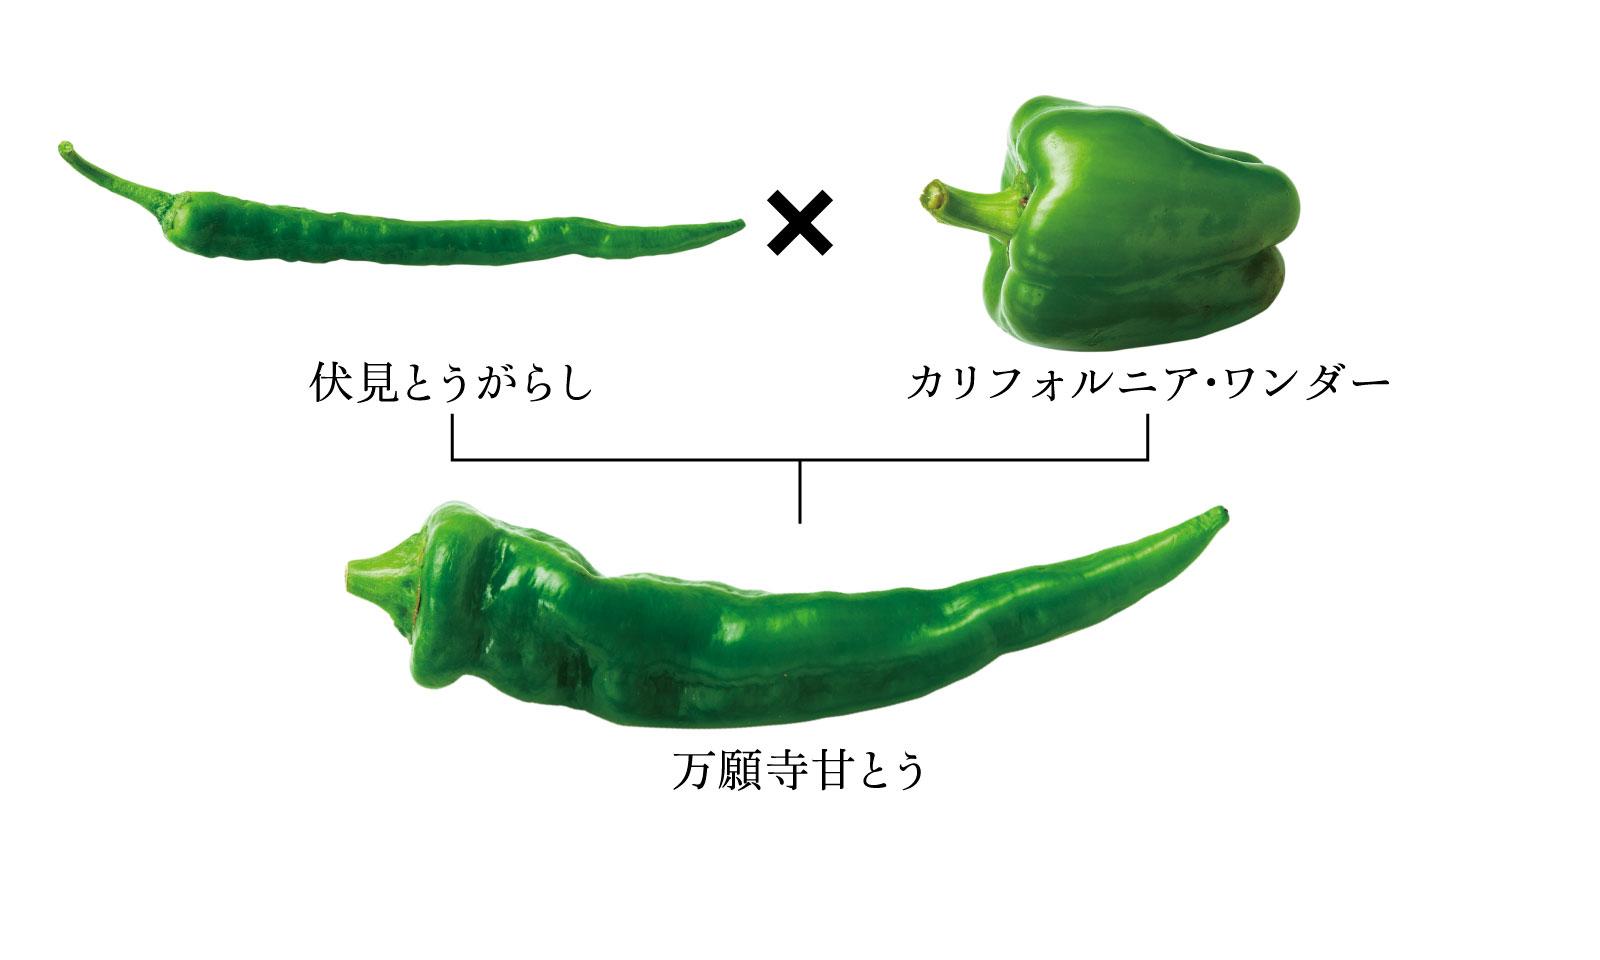 図版画像:伏見×カリフォルニアワンダー